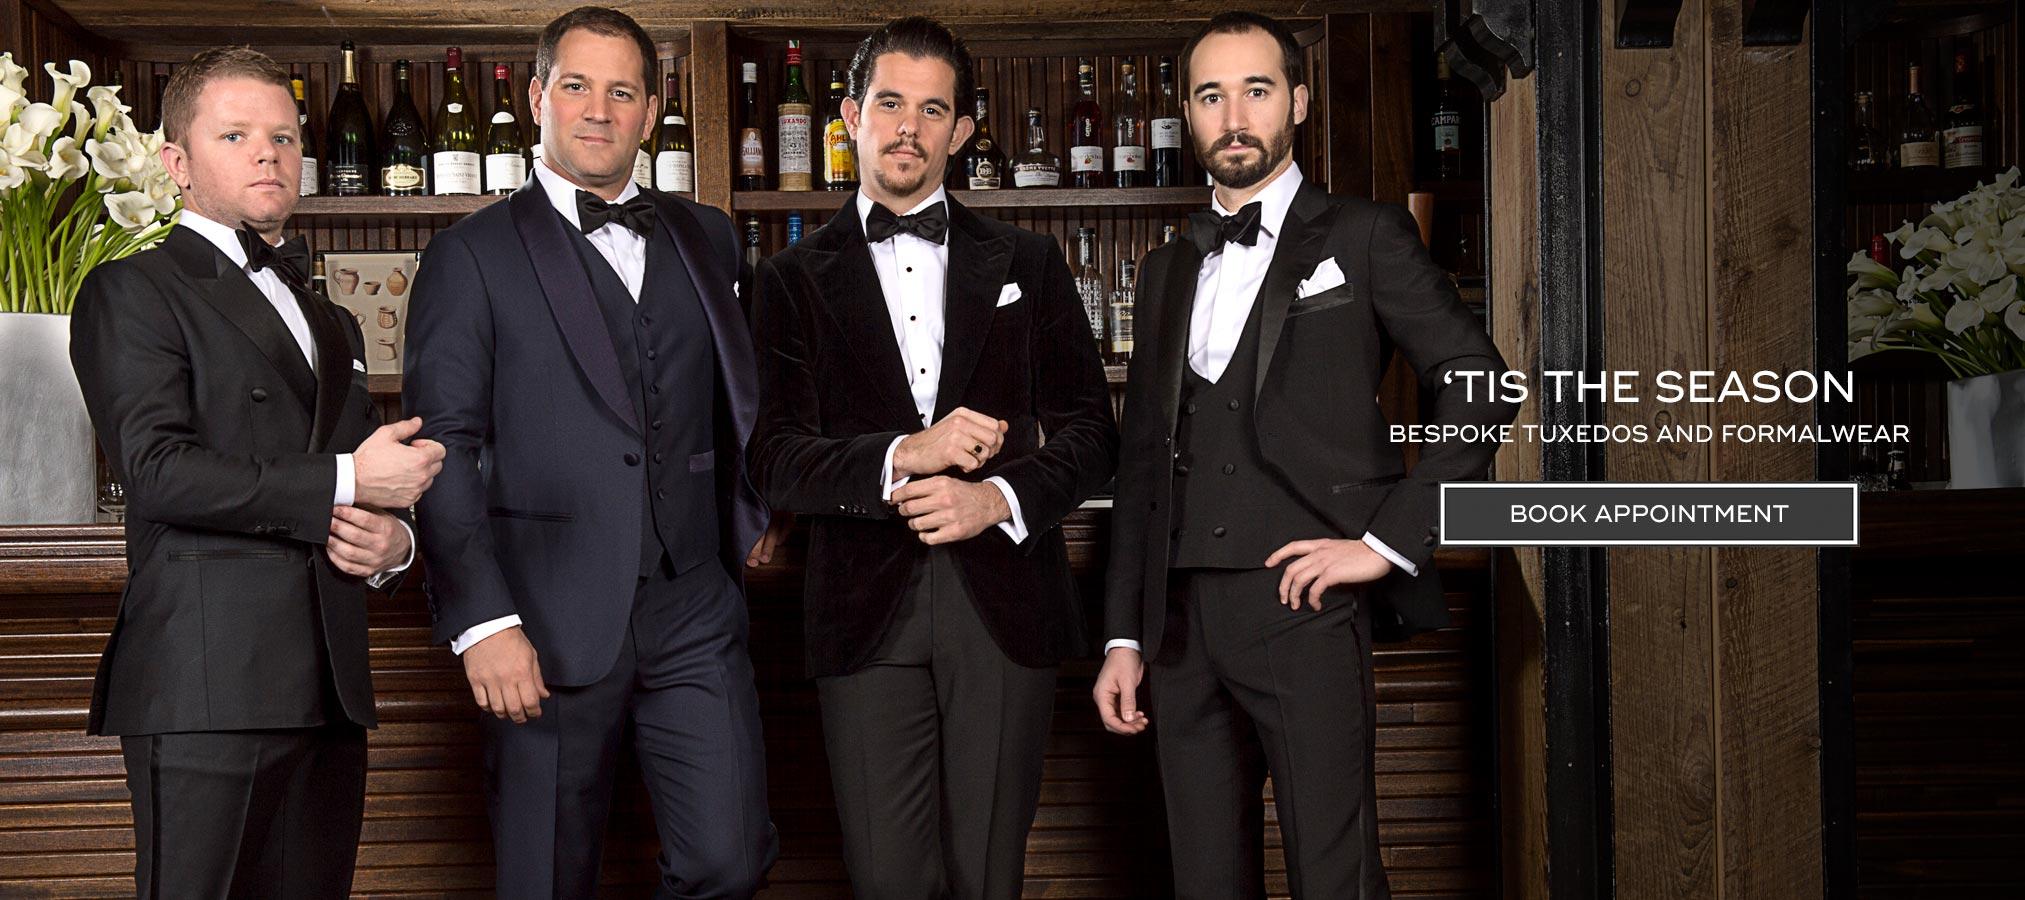 Bespoke Tuxedos and Formalwear